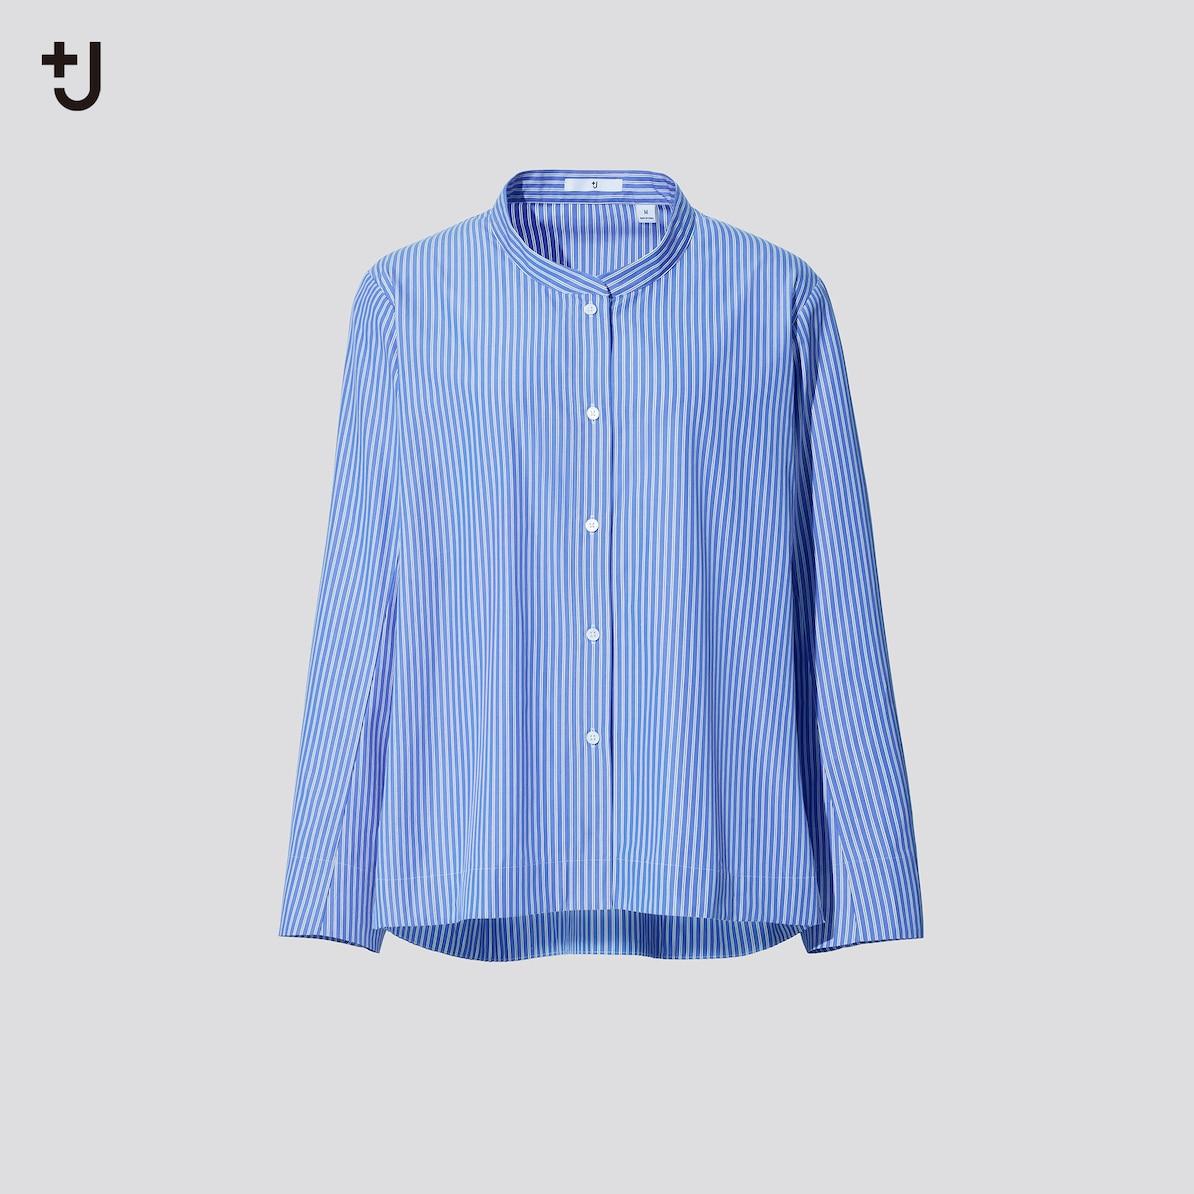 スーピマコットンストライプシャツ ジャケット(長袖)